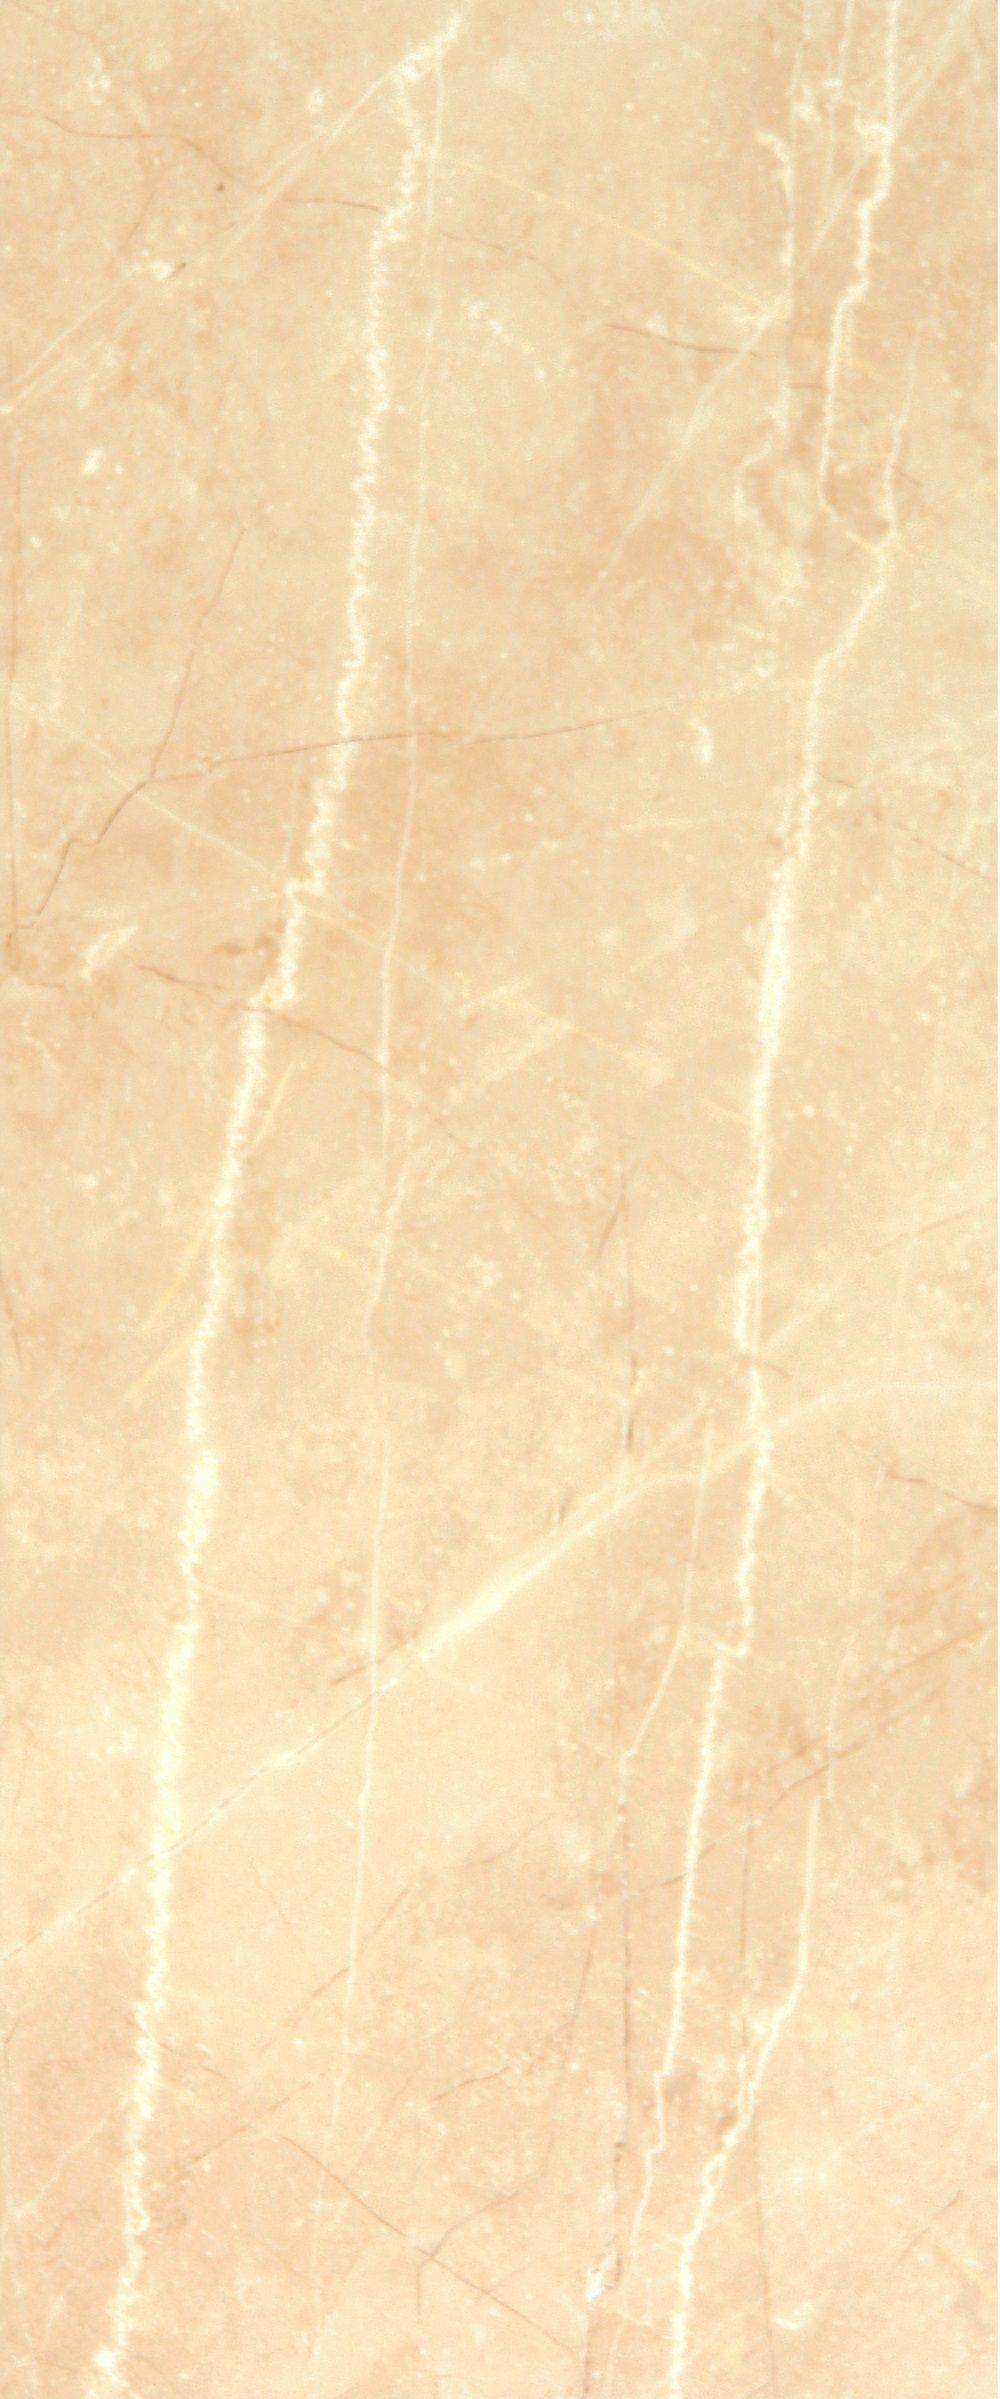 Керамическая плитка настенная Шахтинская Dreamstone 01 коричневый 600*250 (шт.) от Ravta